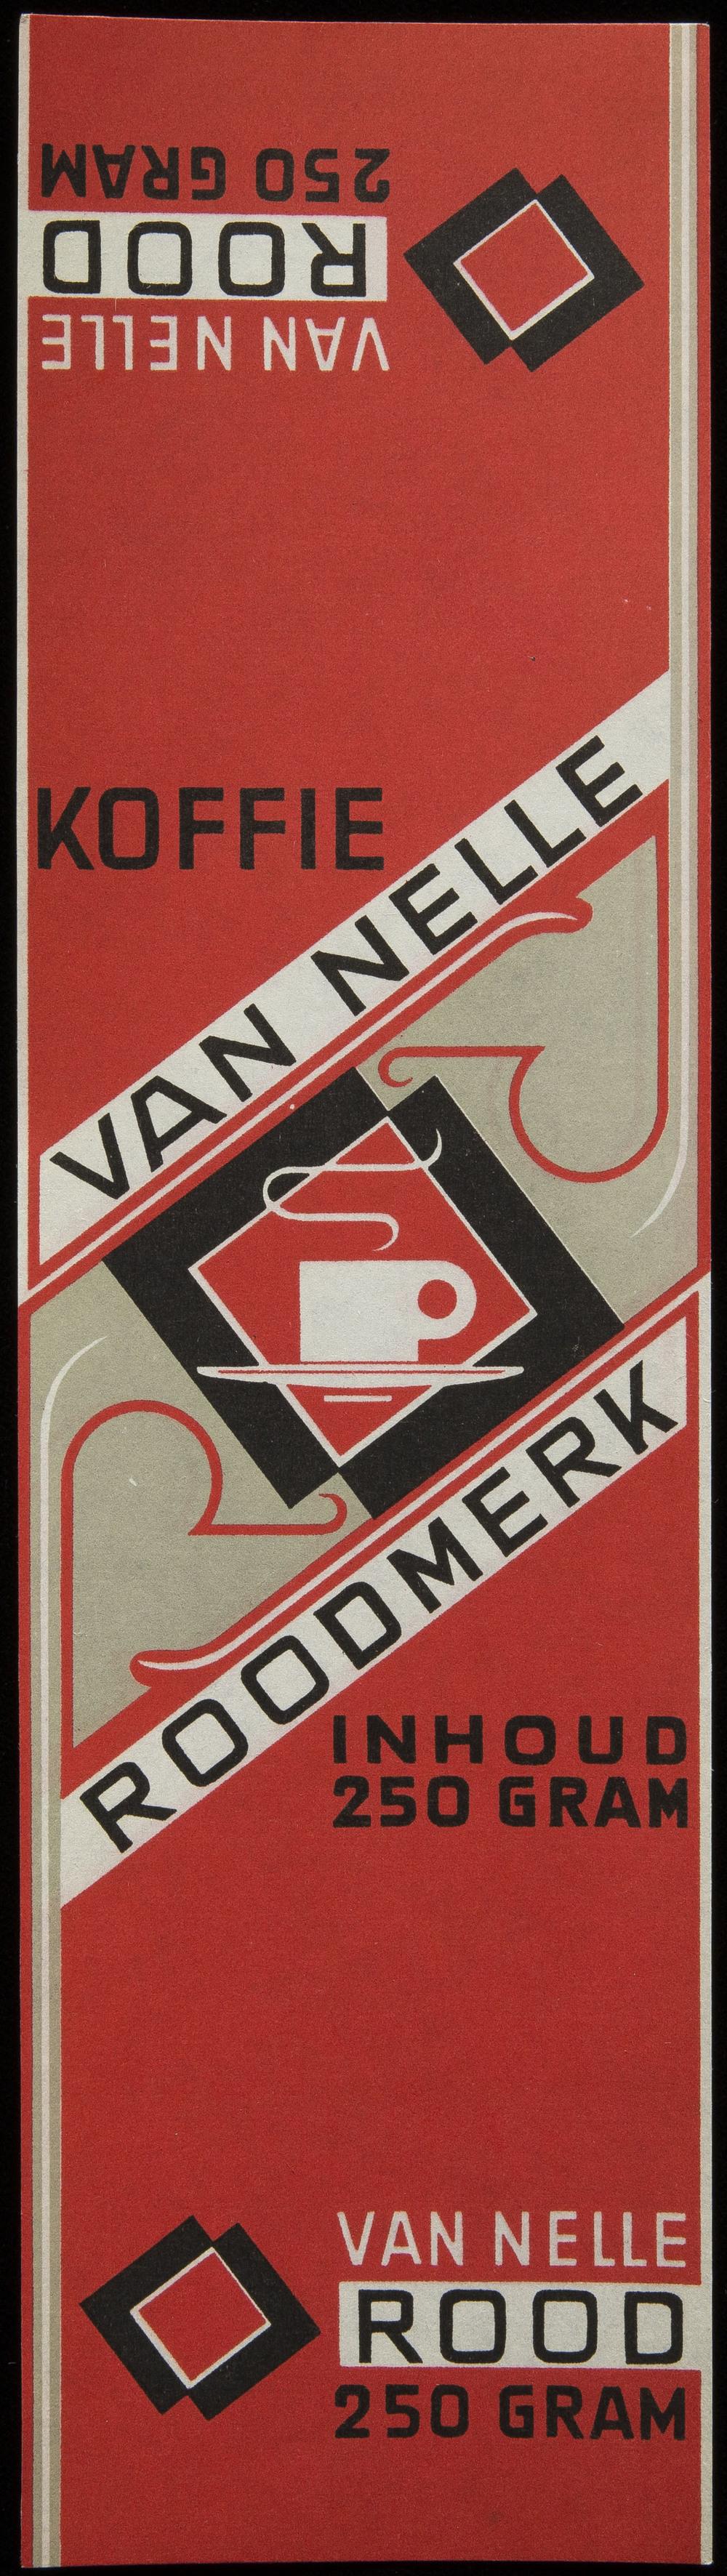 Jac Jongert, coffee label for Van Nelle, 1930s, 7 x 25.5 cm